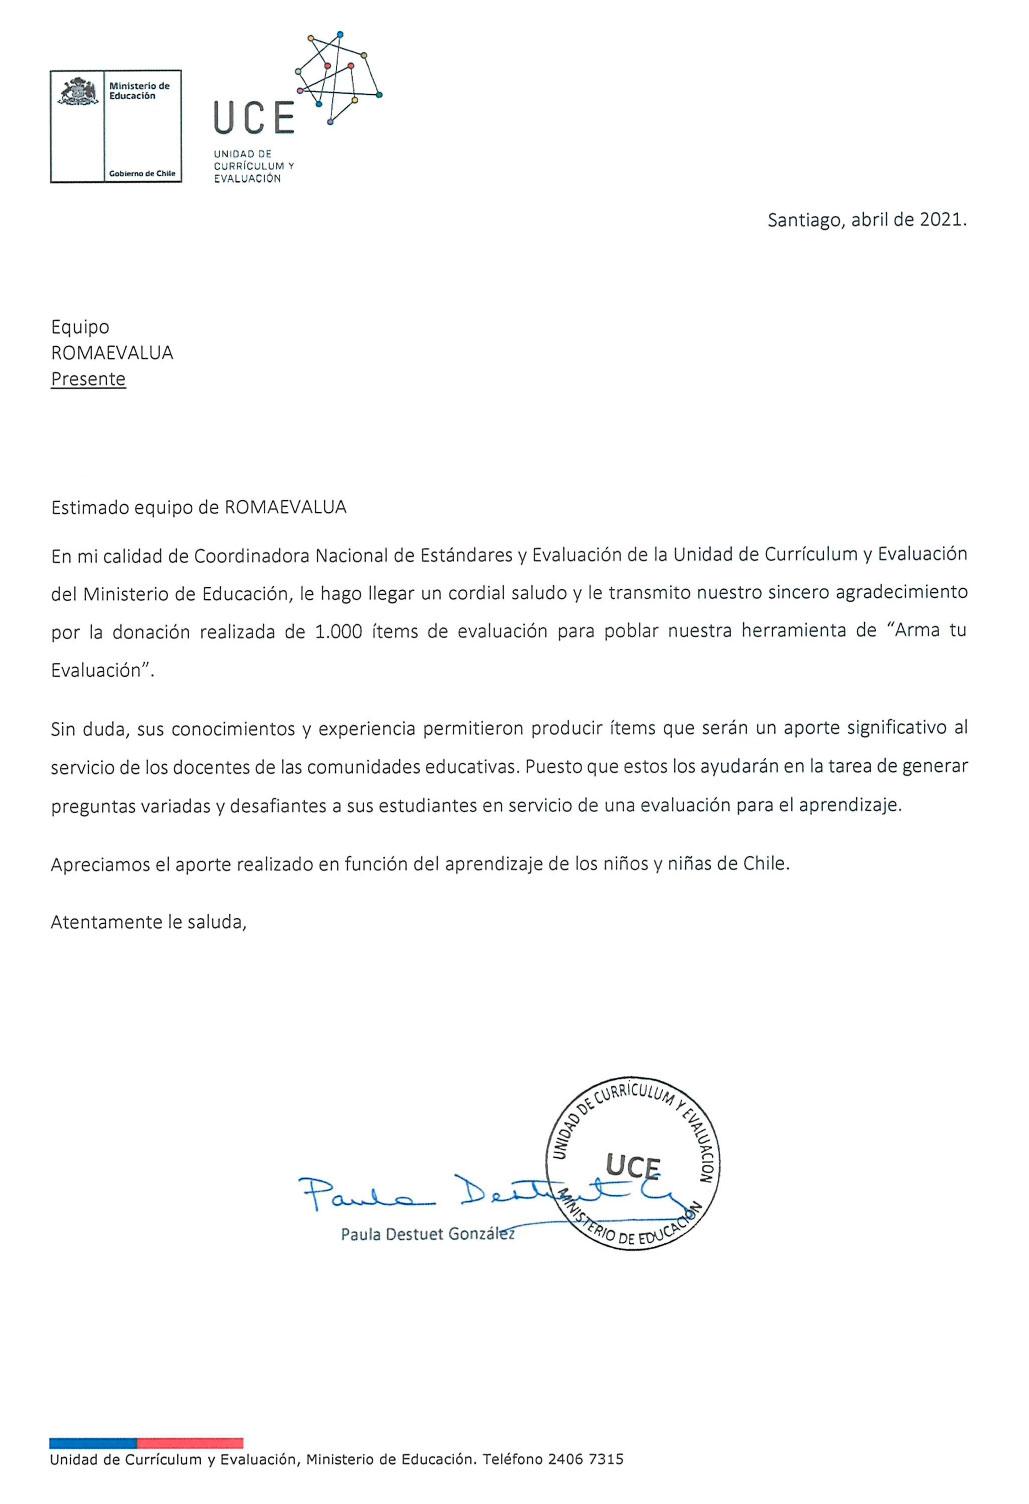 Carta-RomaEvalua.